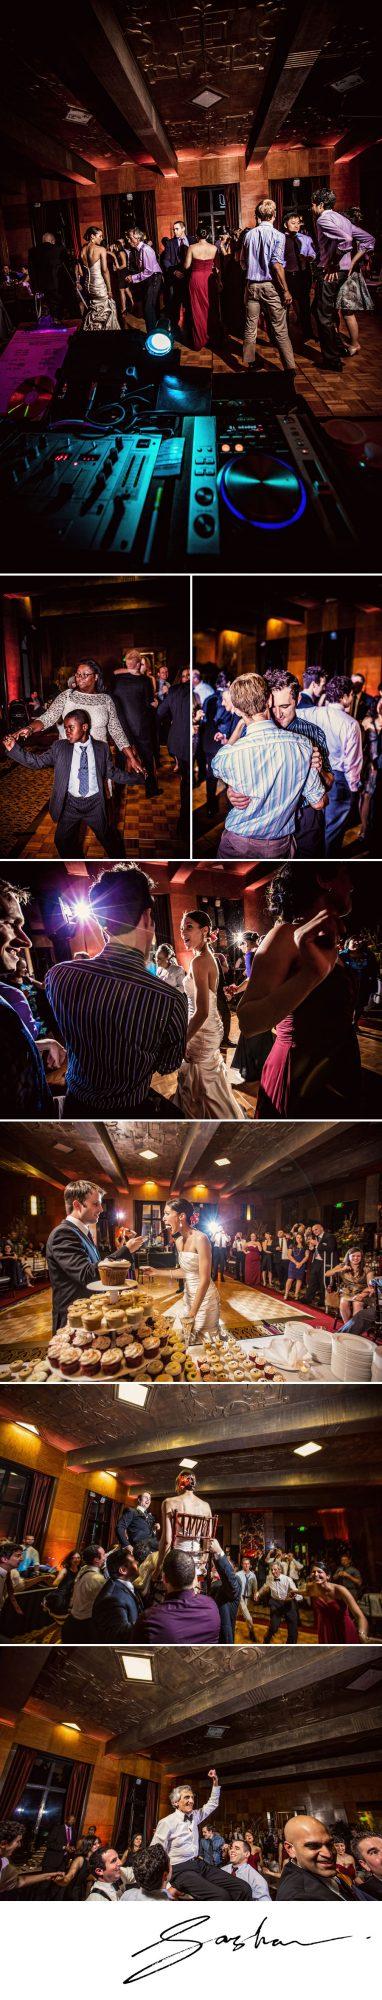 sf city club wedding